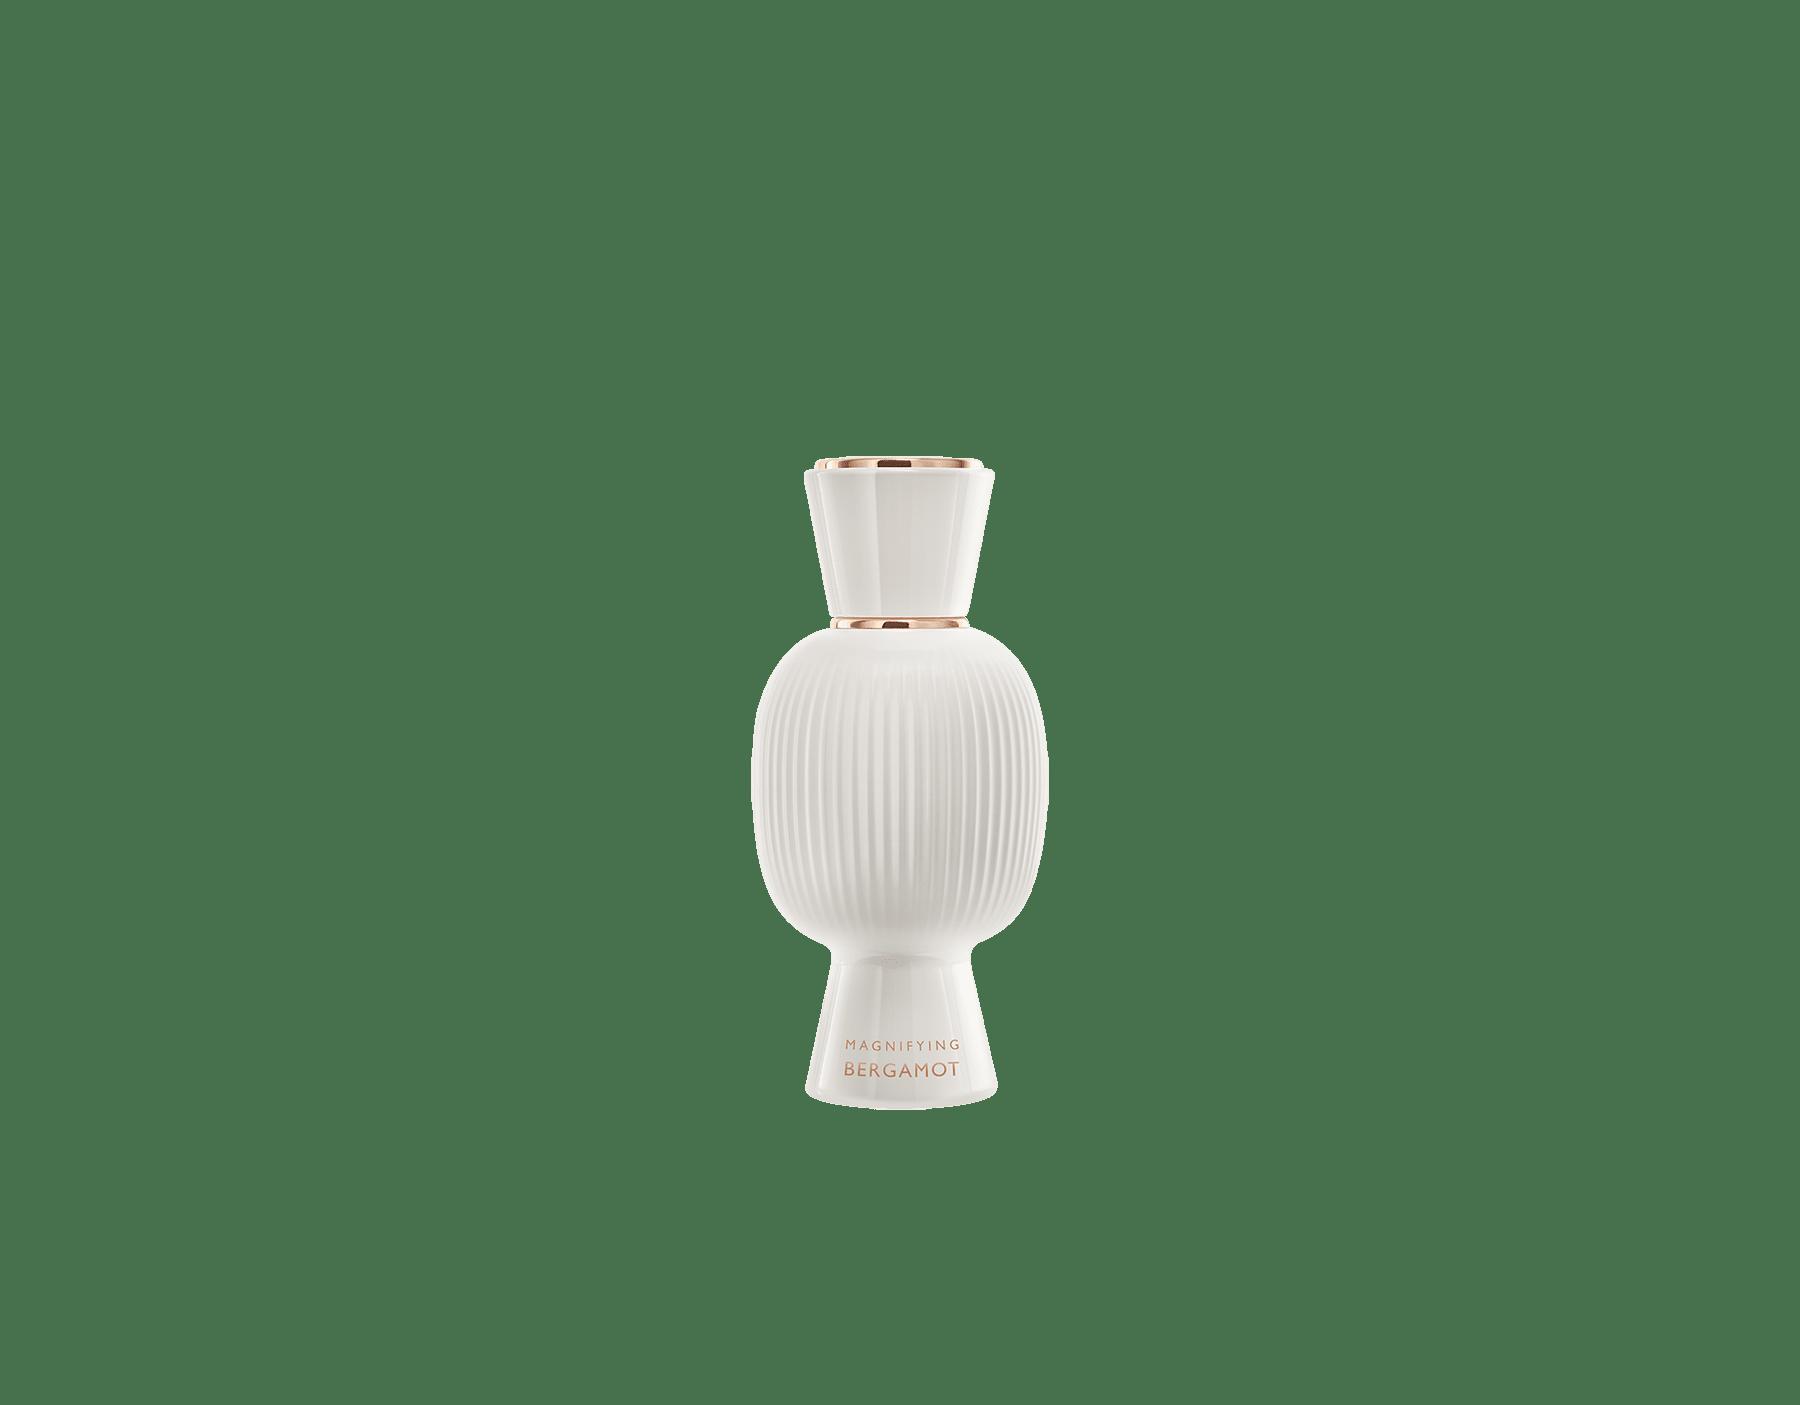 Una exclusiva combinación de perfumes, tan audaz y única como usted. El Eau de Parfum floriental licoroso Rock'n'Rome de Allegra se combina con el alegre frescor de la Magnifying Bergamot Essence, creando un irresistible perfume femenino personalizado.  Perfume-Set-Rock-n-Rome-Eau-de-Parfum-and-Bergamot-Magnifying image 3